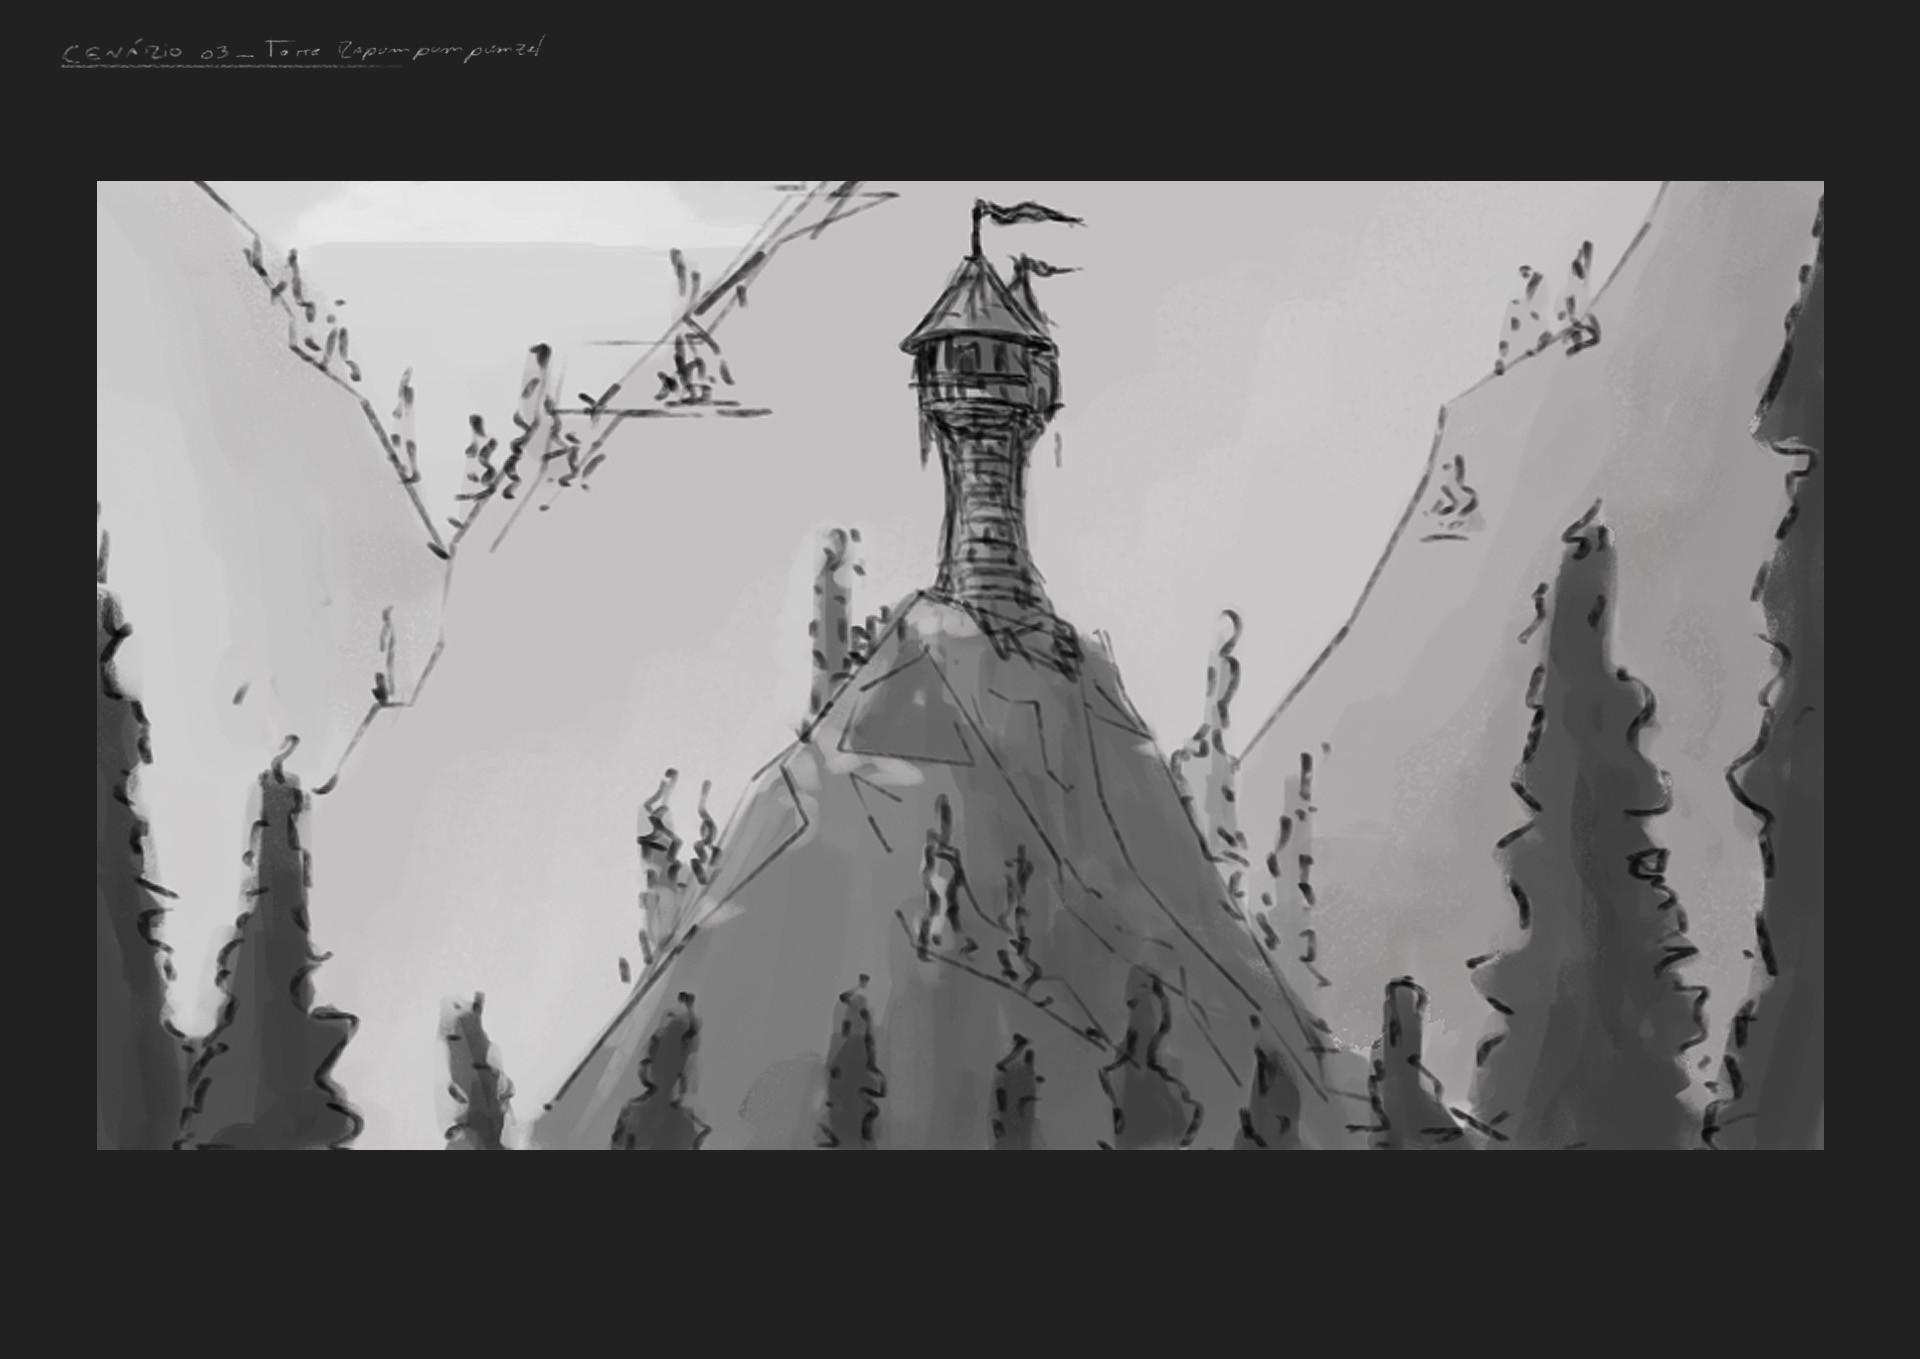 Thiago baltar 03 torre rapumpumpumzel escolhida